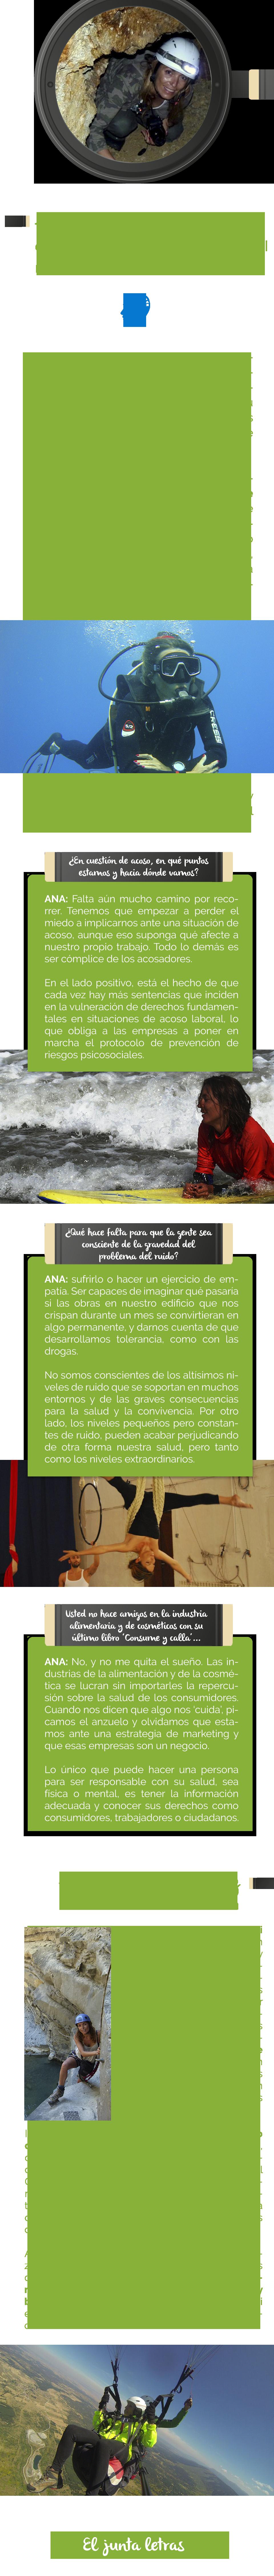 Nanoentrevist Ana I. Gutiérrez Salegui